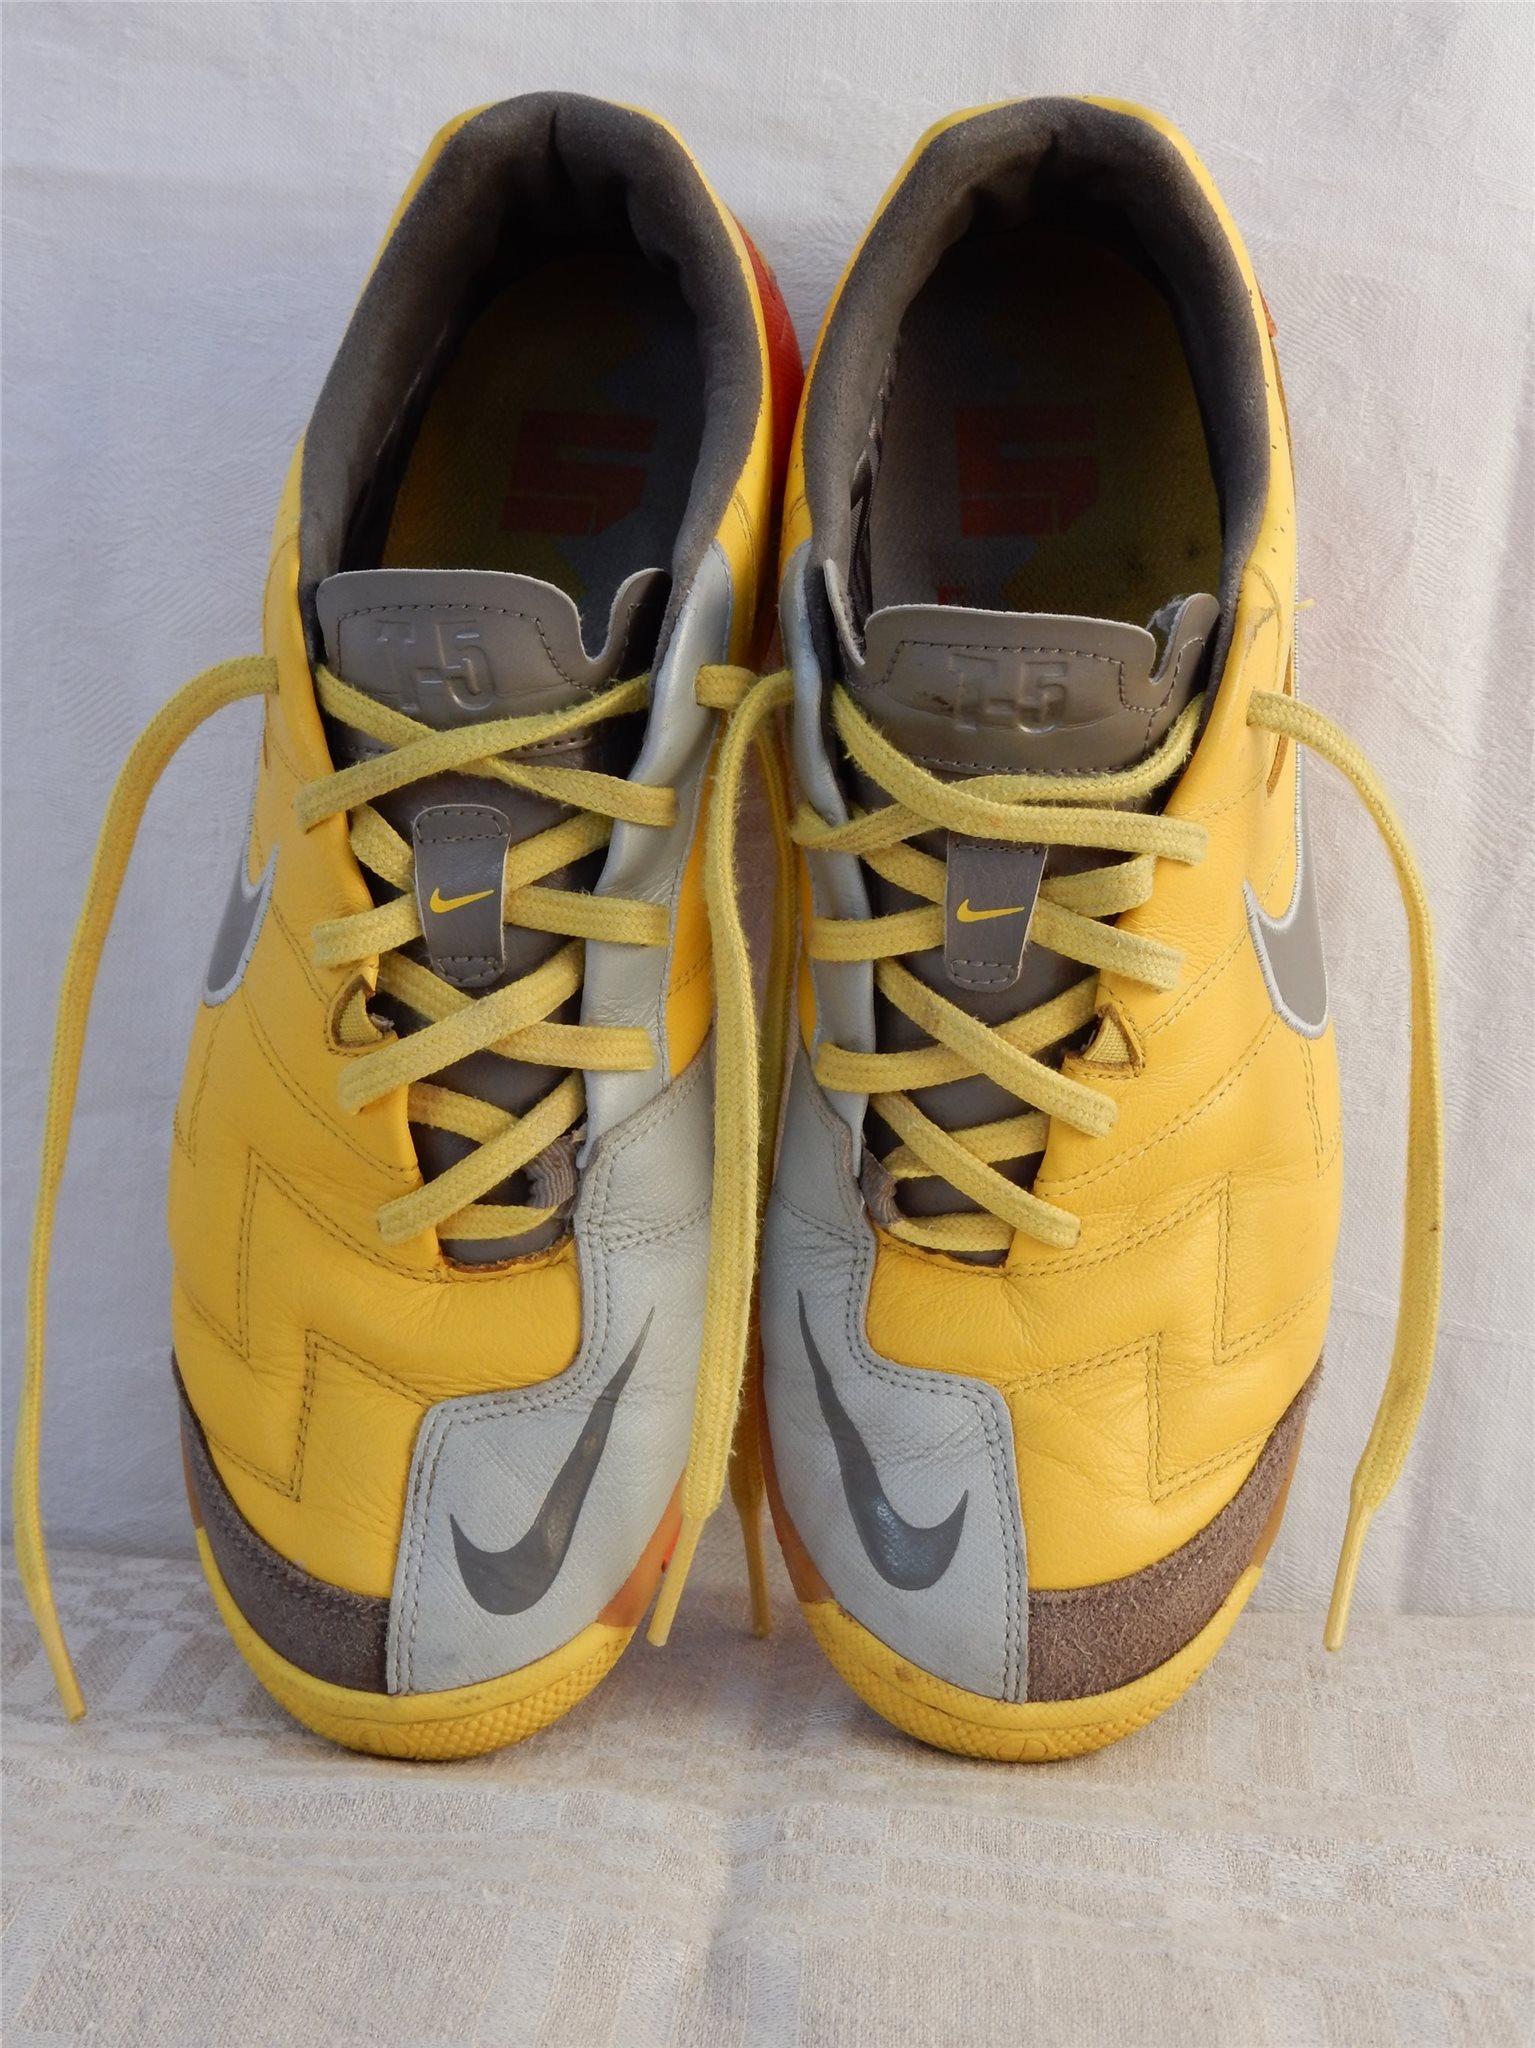 skor träning inomhus